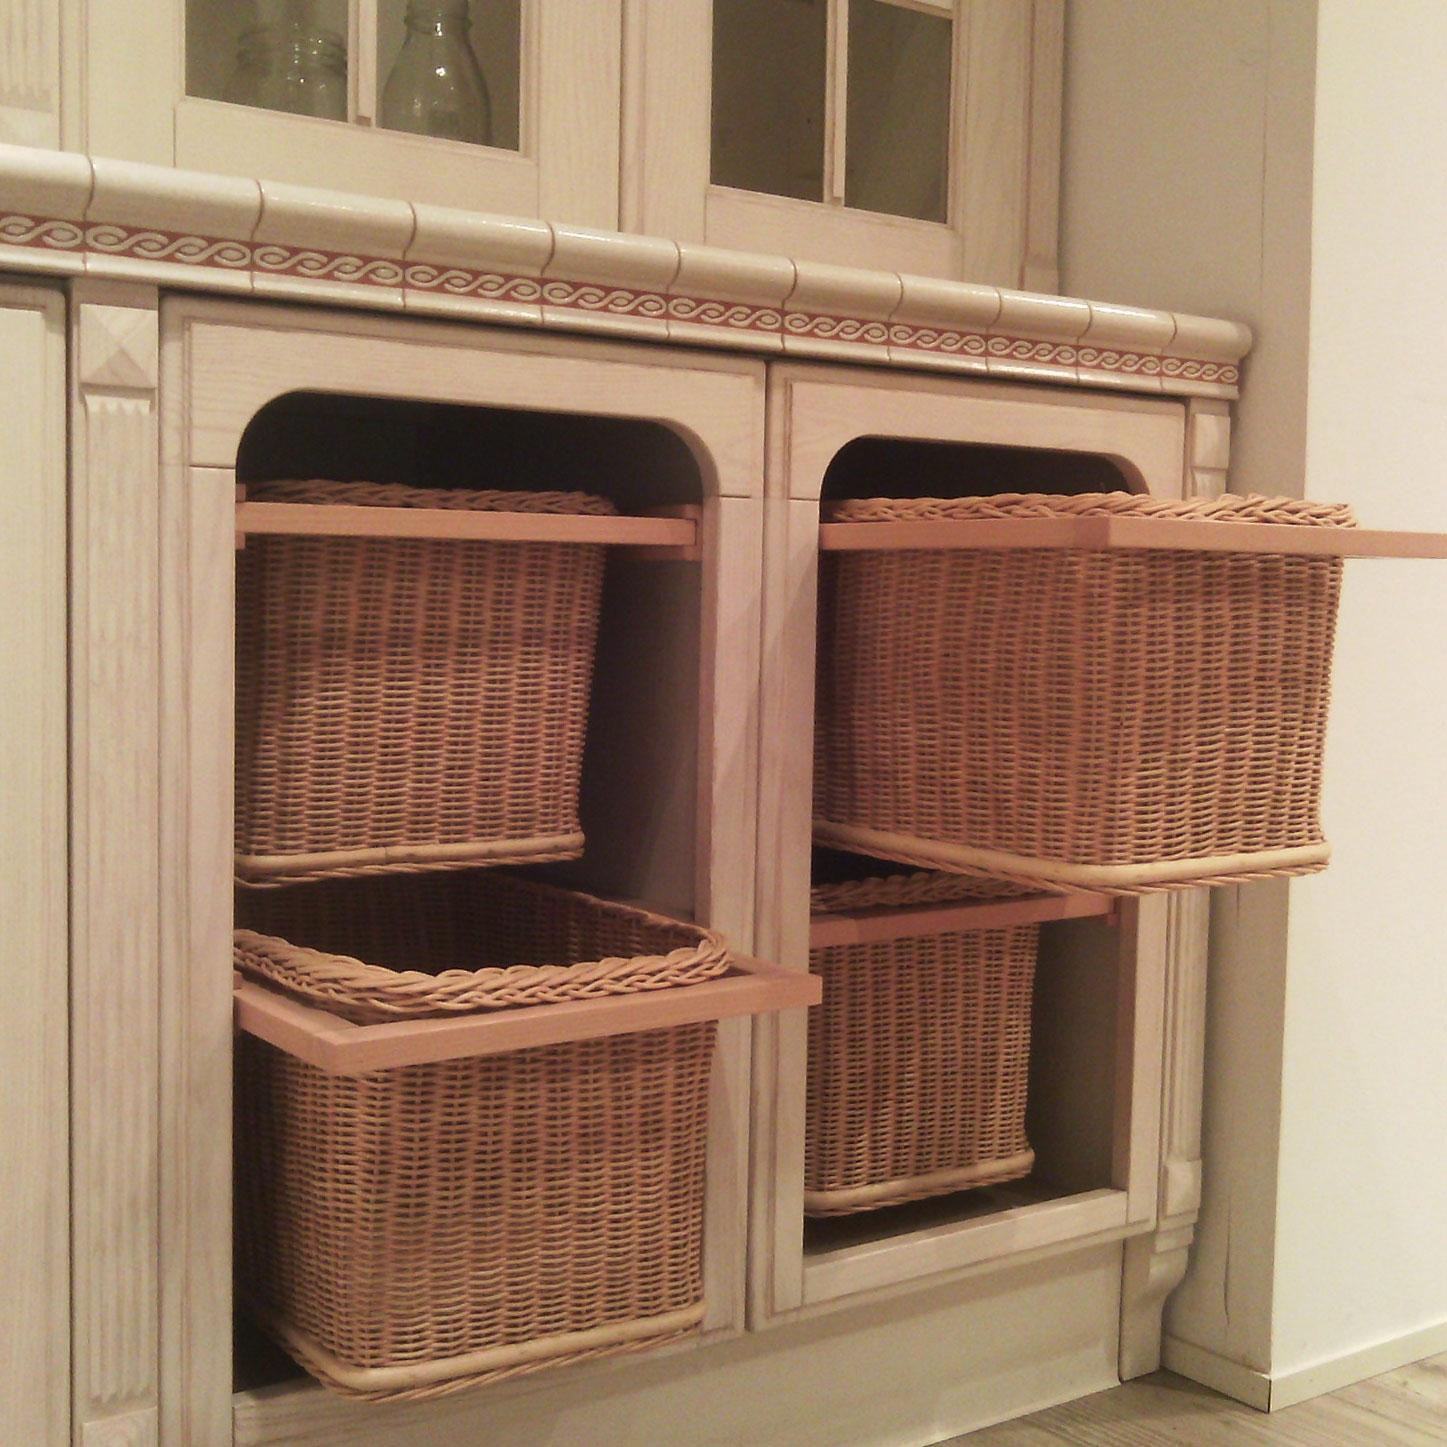 Cucina Scavolini BALTIMORA Stile Classico Offerta Esposizione Cucine  #8B5A40 1447 1447 Stile Classico Cucina